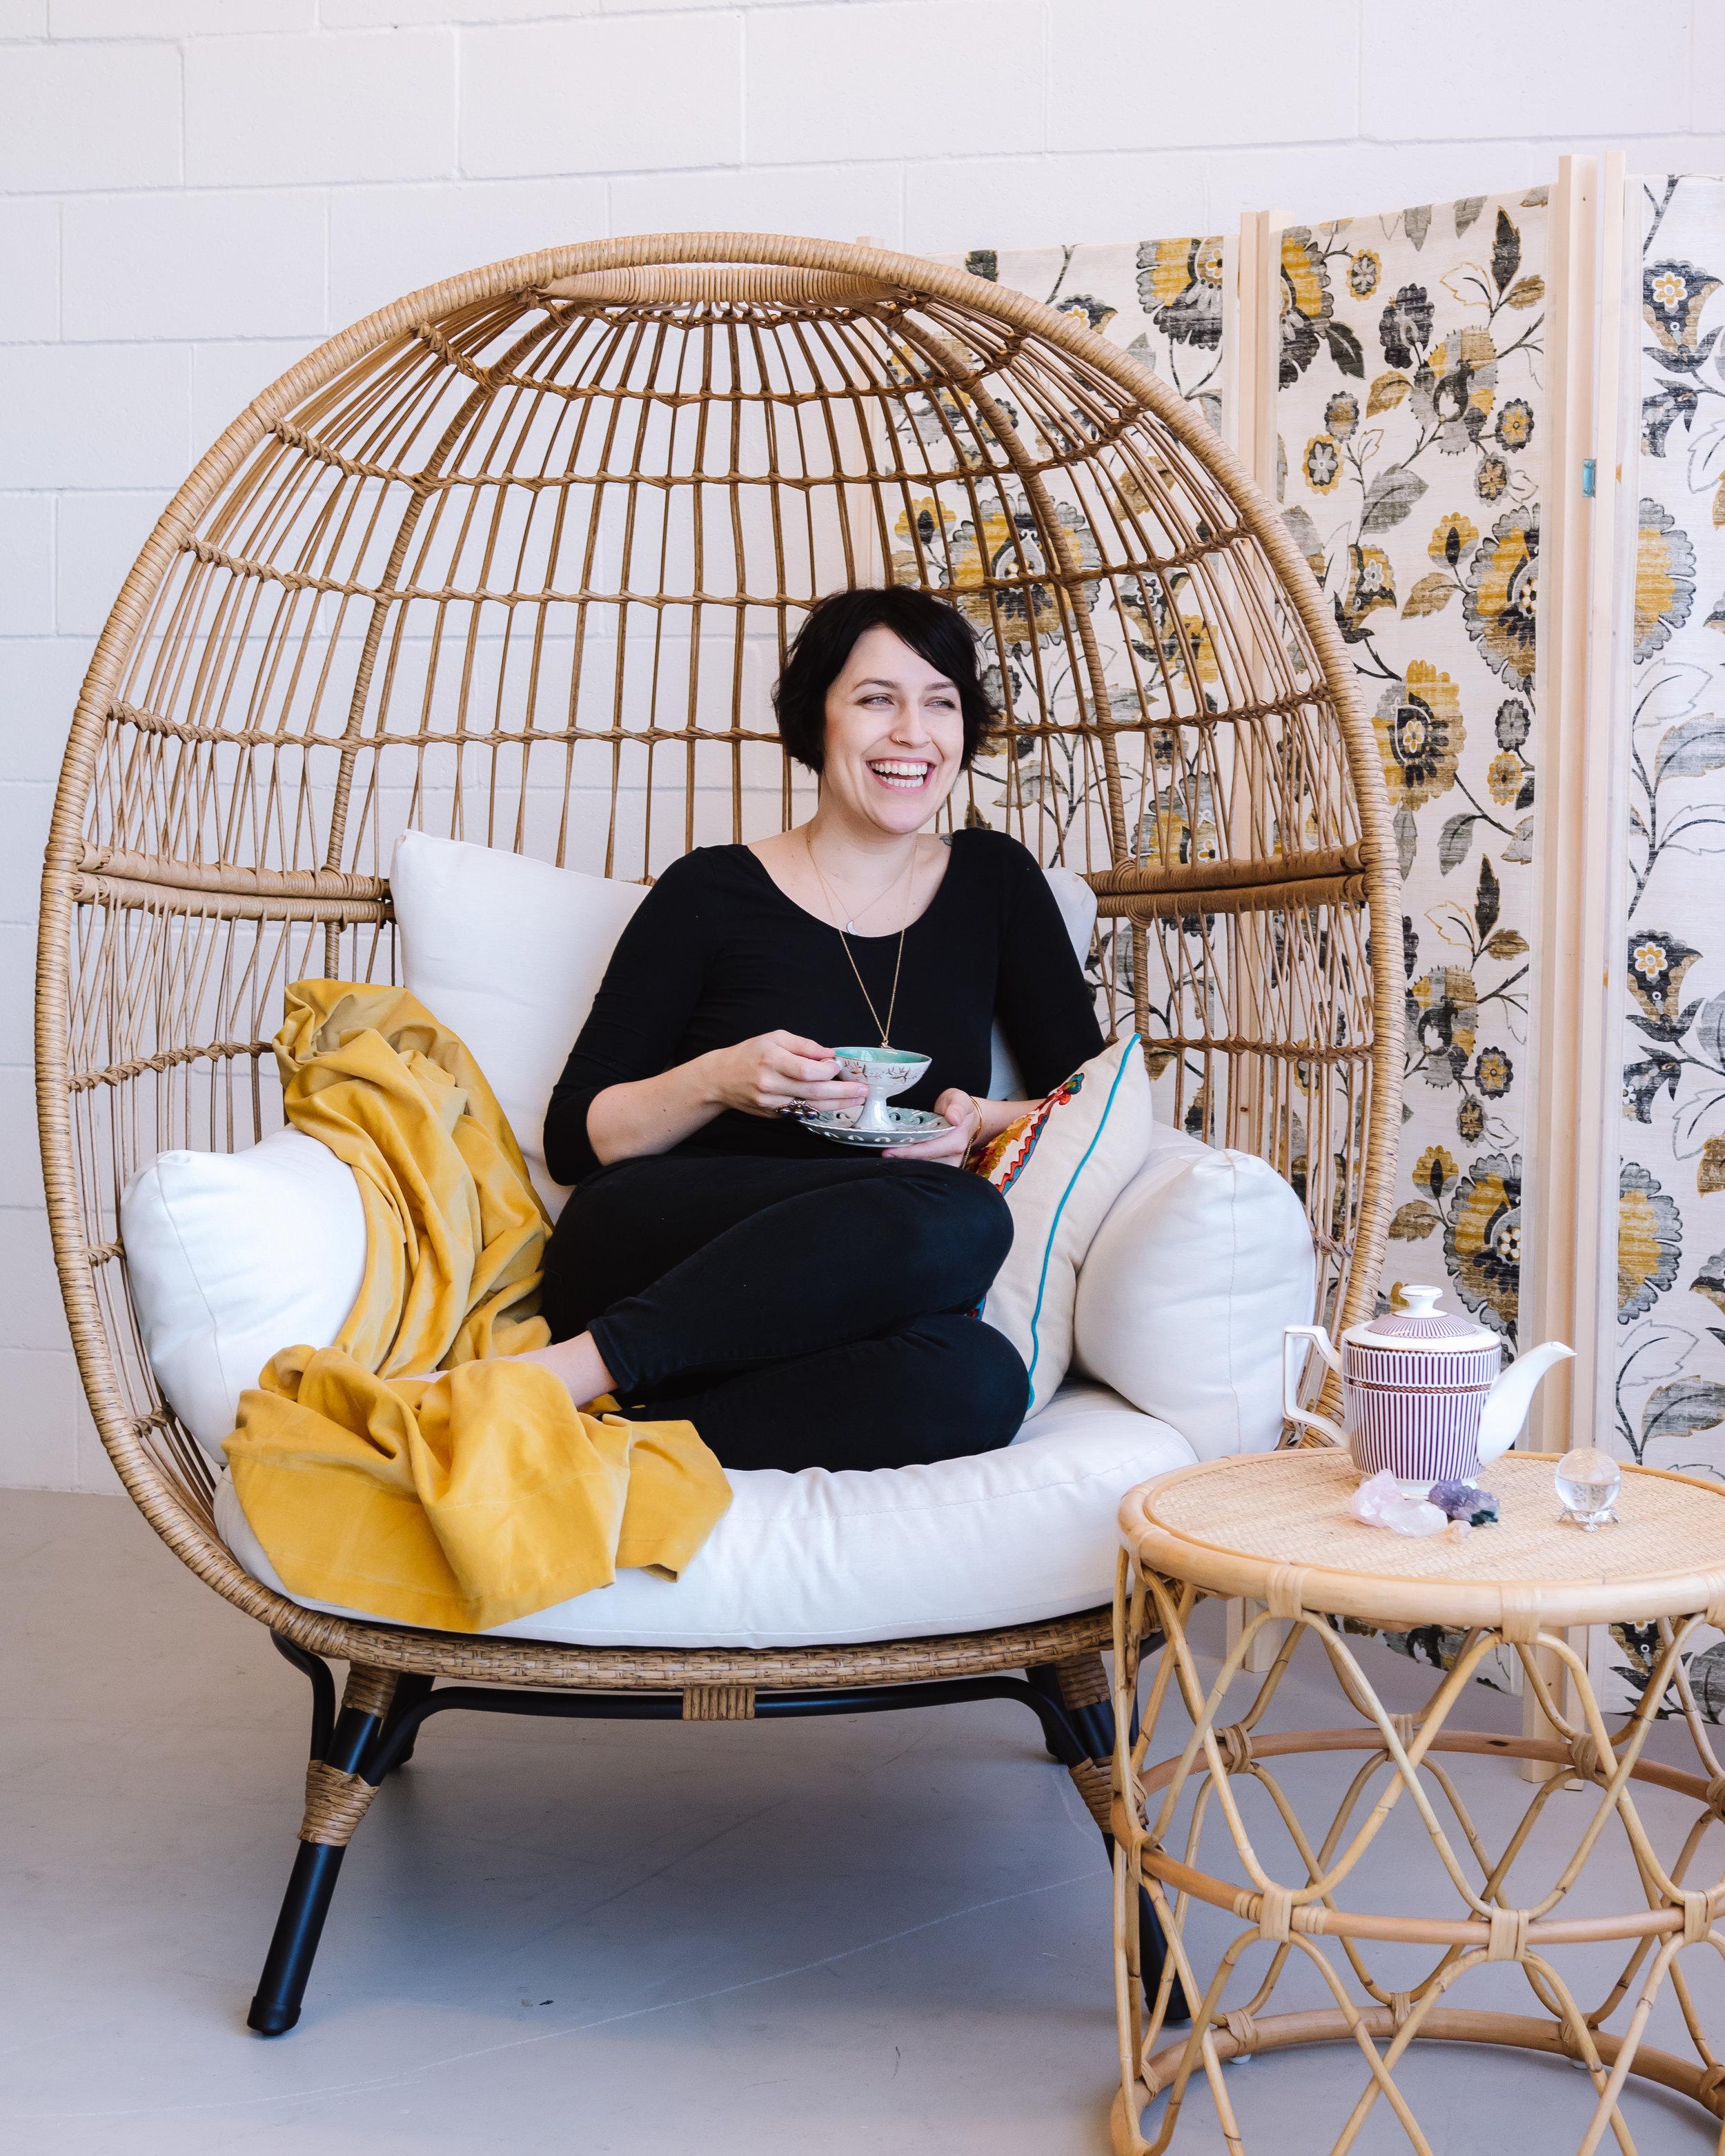 Jenni Curtice - Founder of Luna Tea Co.